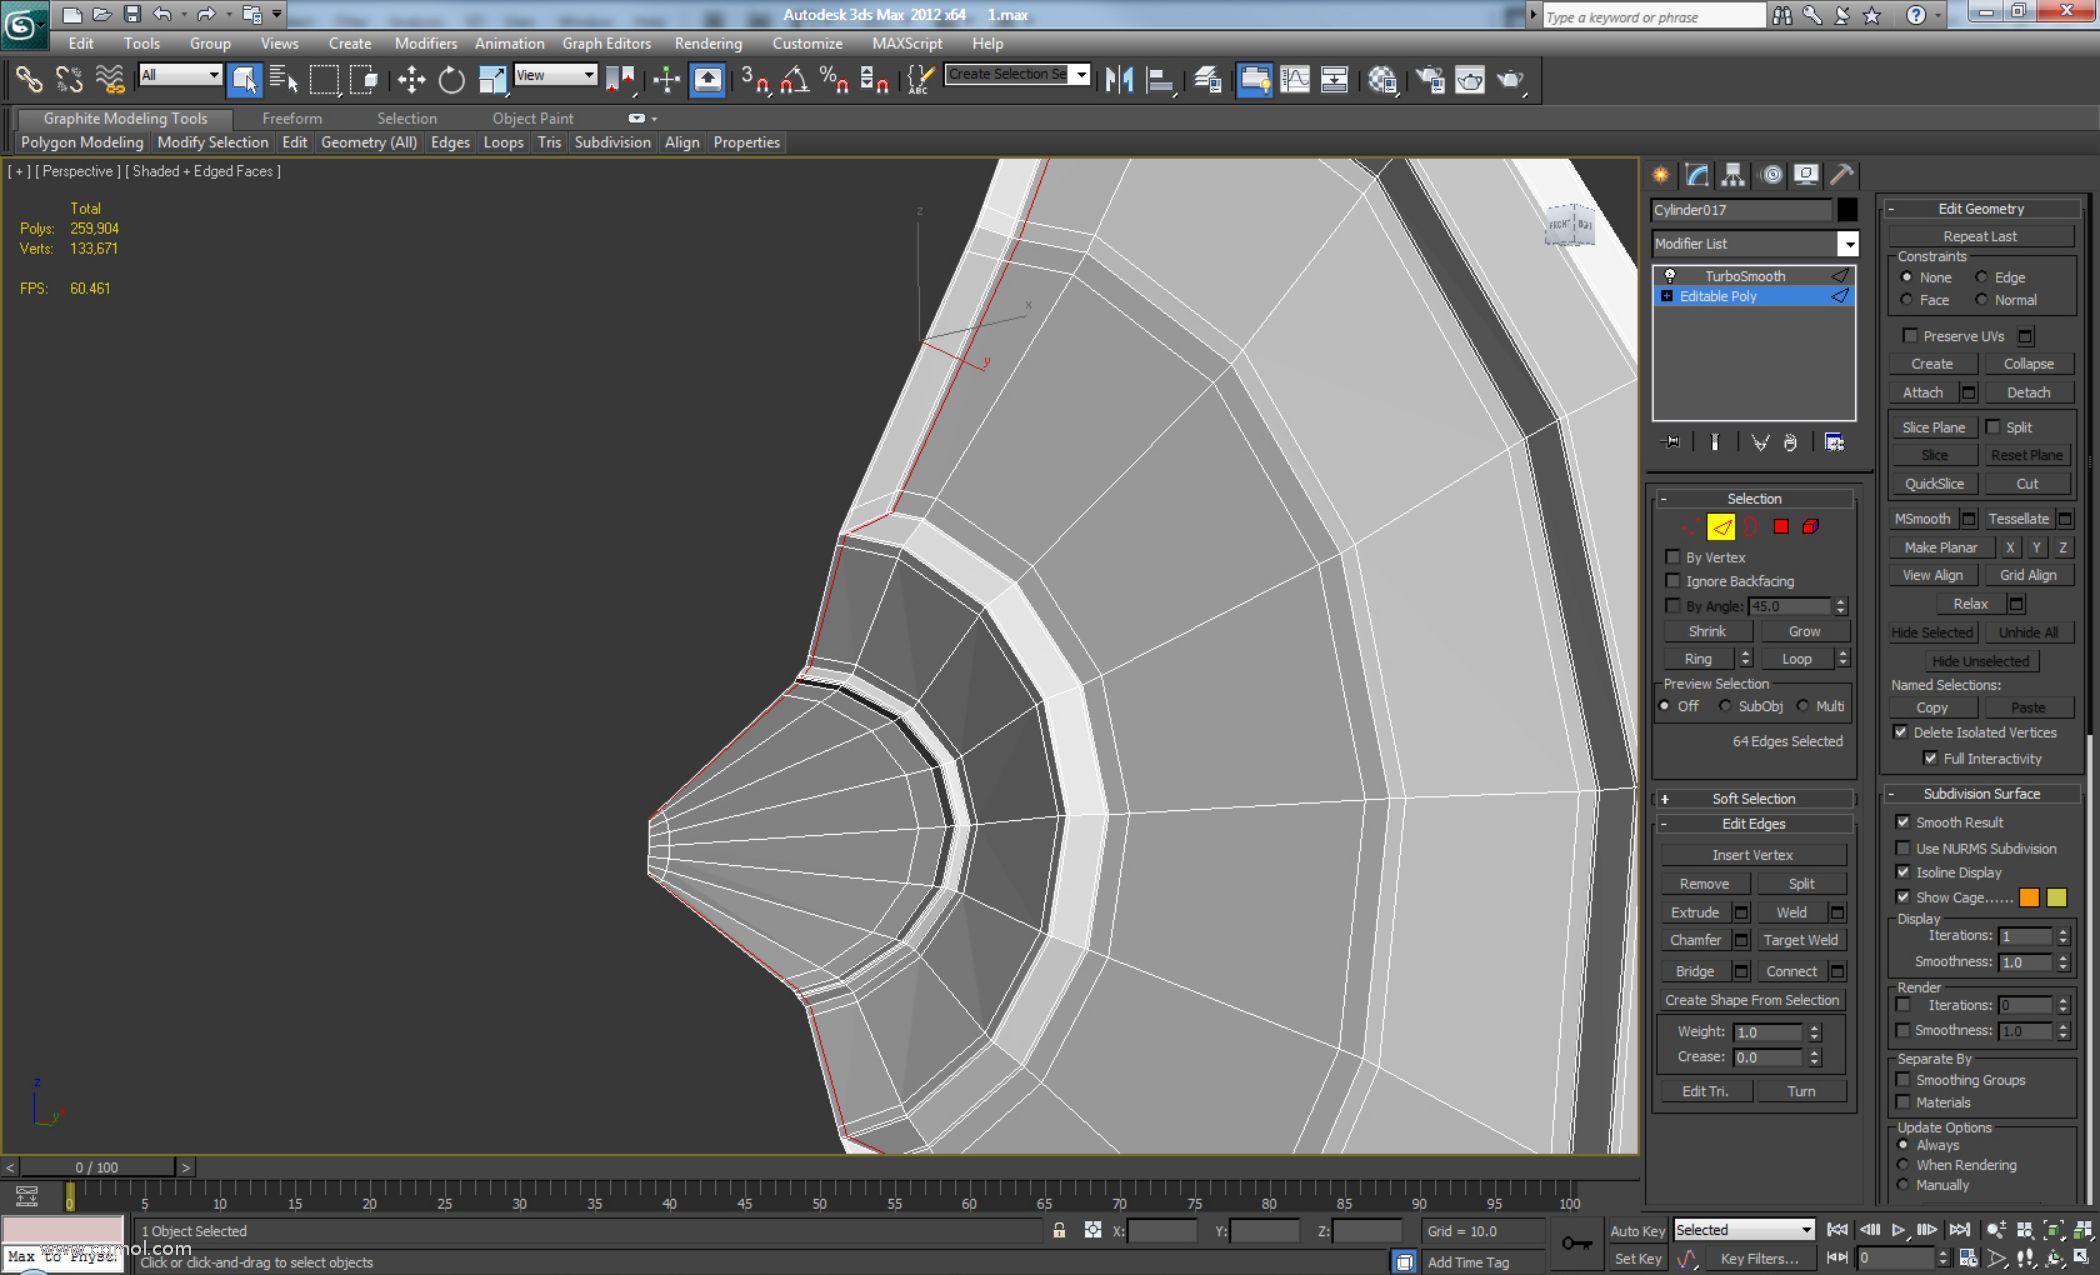 然后使用Connect,Segments设置为1并将Slide设置为80,并将-80设置为底部,添加如下所示的添加边循环